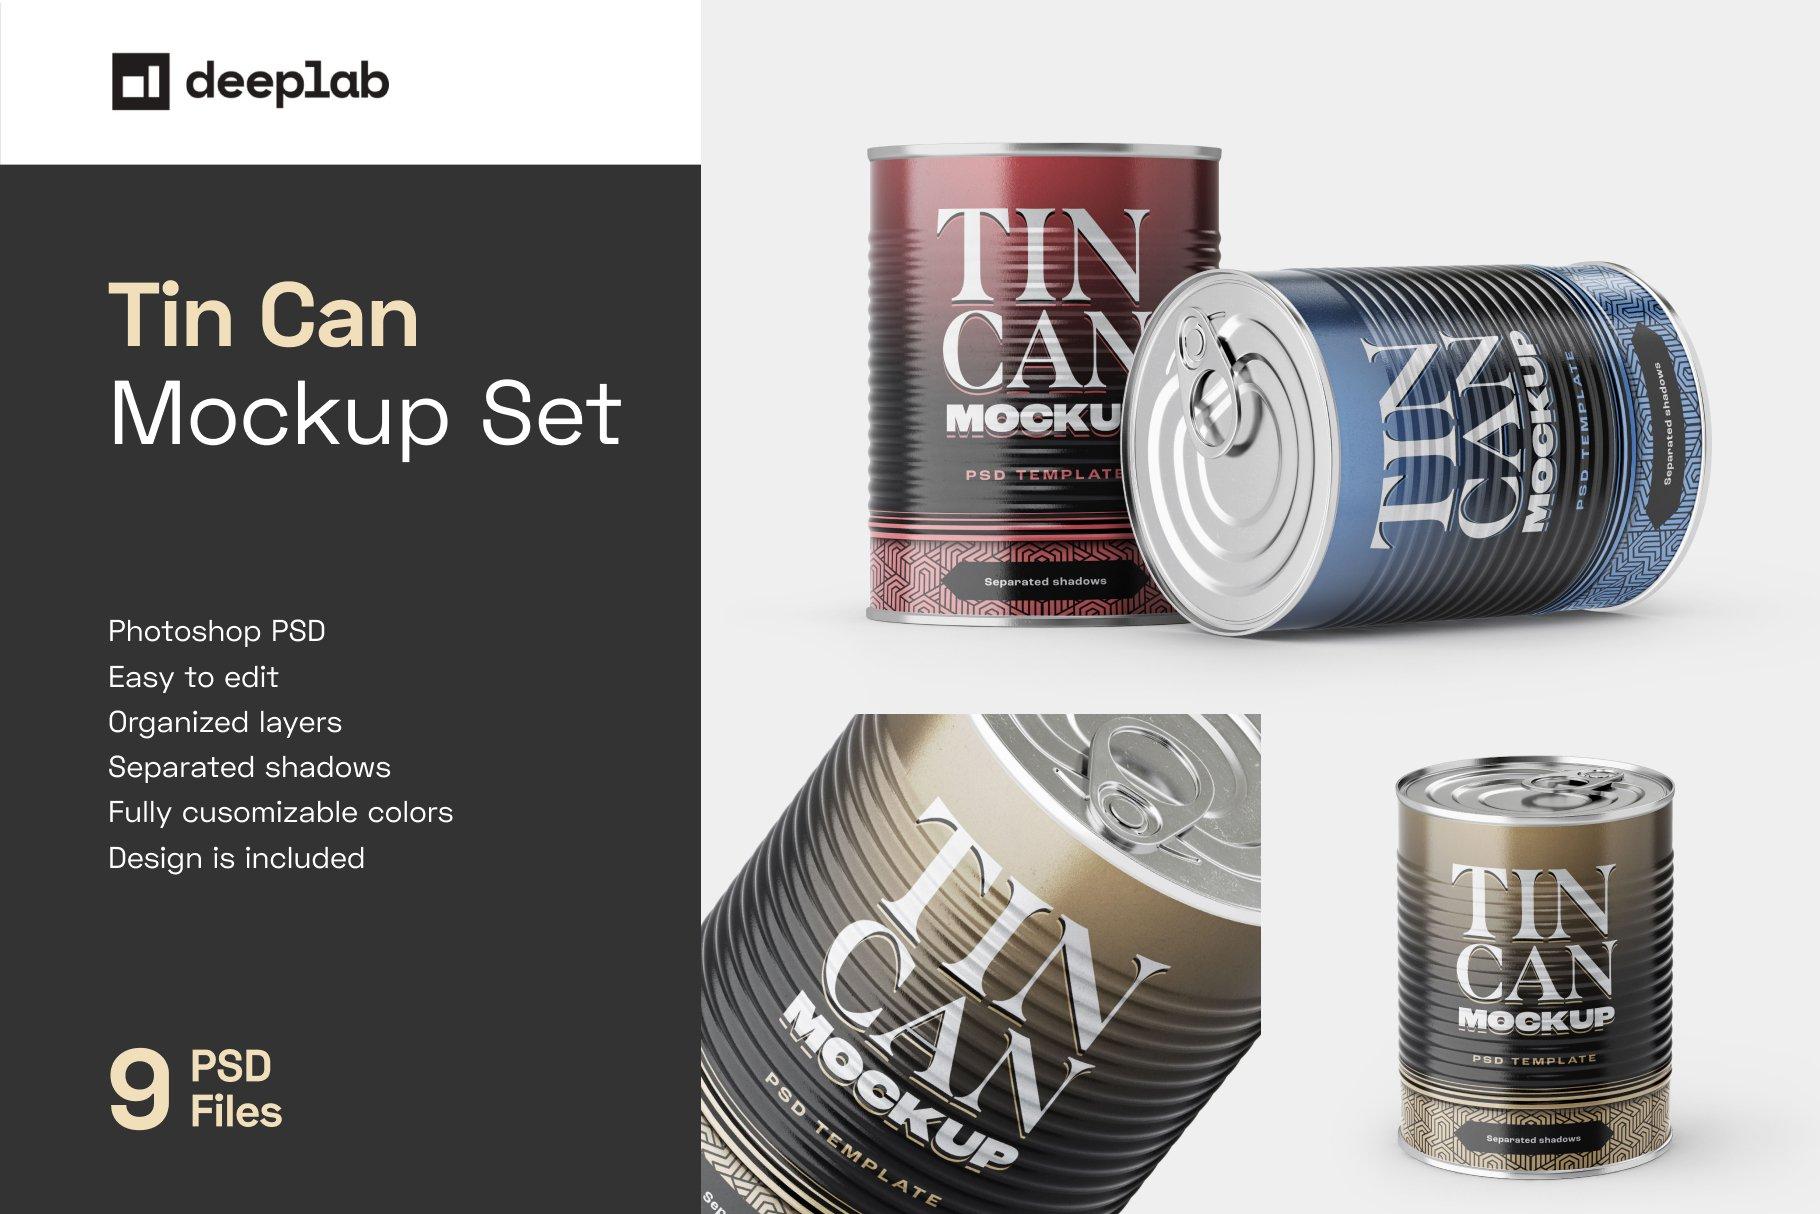 9款食品罐头金属锡罐包装样机模板素材合集 Tin Can Mockup Set | Conserve插图